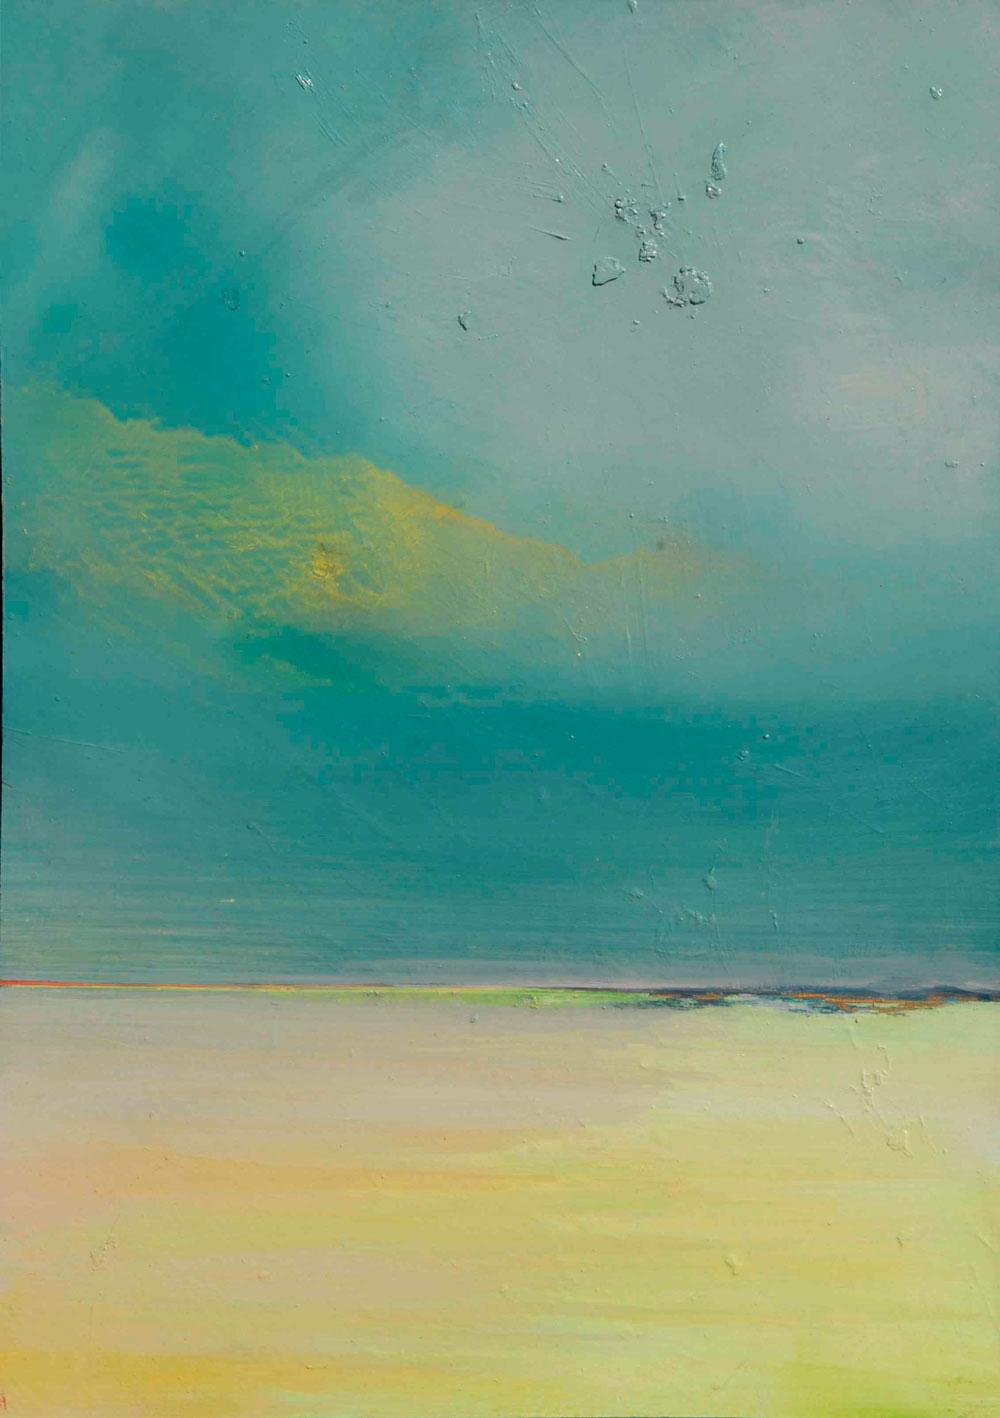 ILHA-GRANDE au BRÉSIL - Huile sur Panneau Marouflé de 65x46cm - Peintre Frédéric Latrace